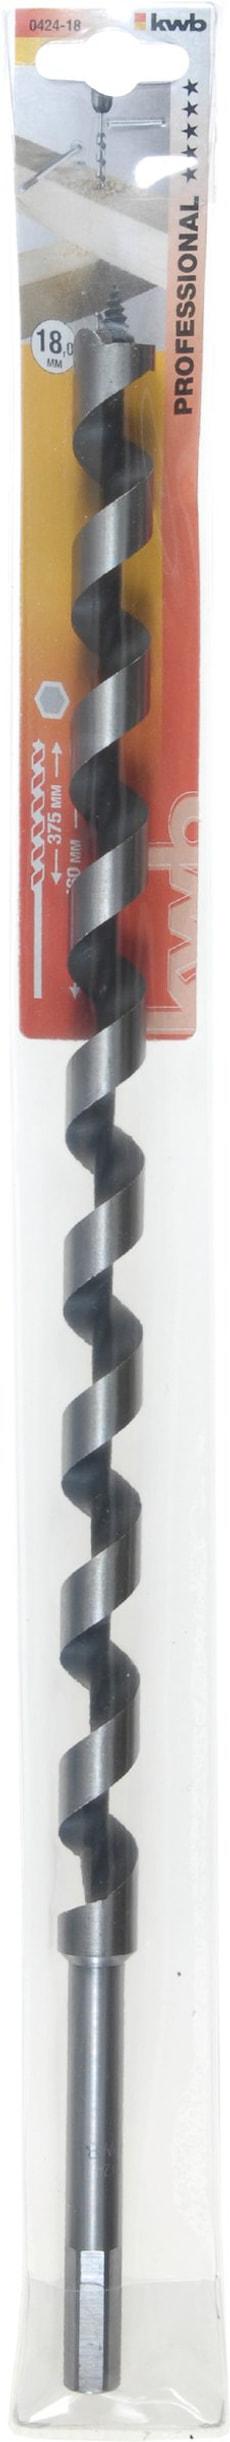 Schlangenbohrer, 460 mm, ø 18 mm